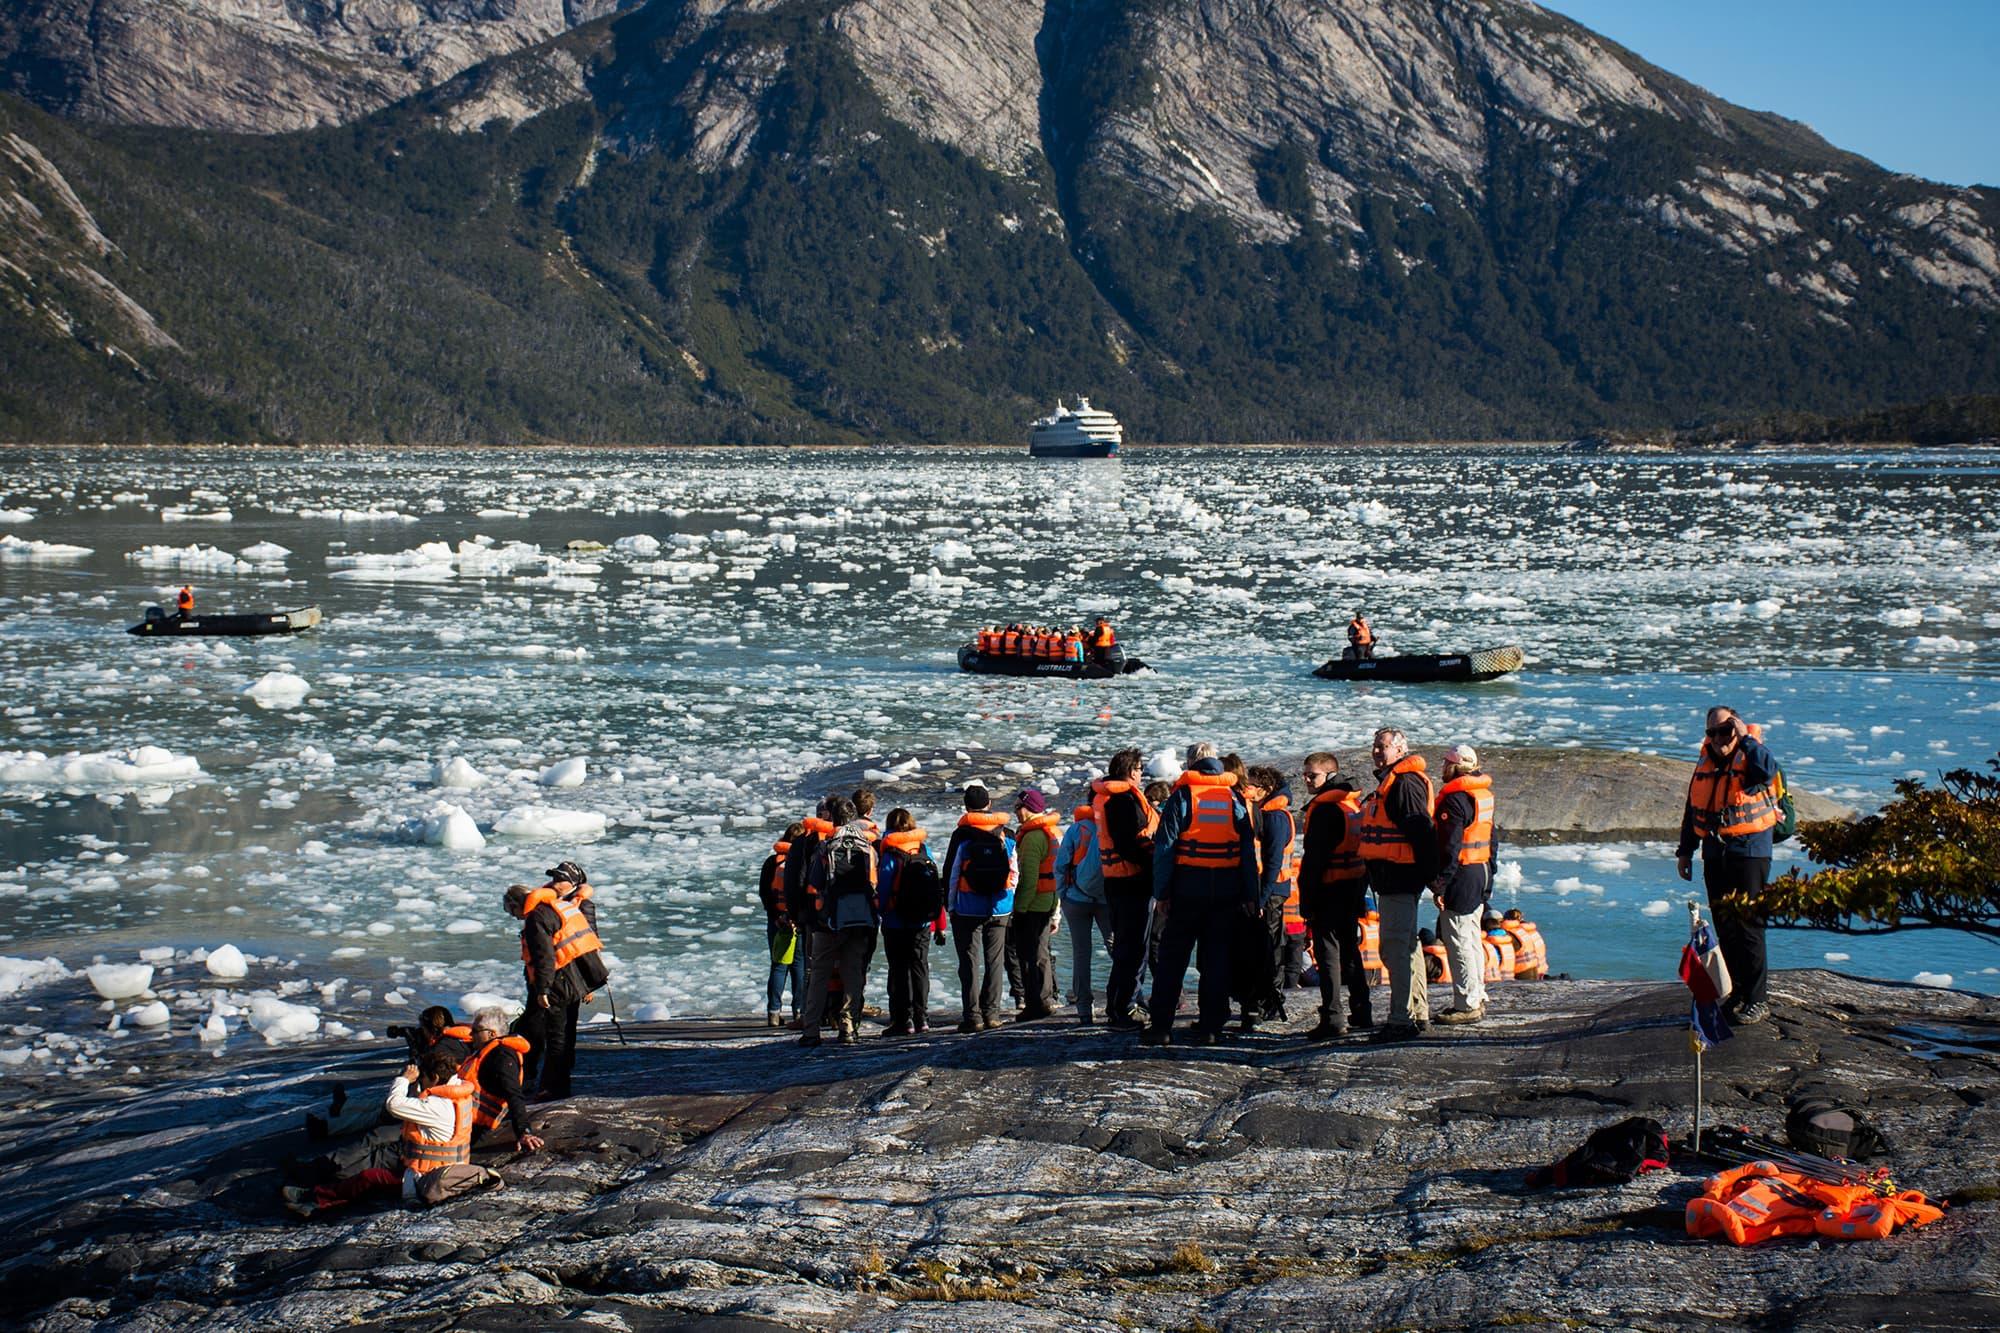 Crucero: Exploradores de la Patagonia - Ushuaia - Punta Arenas - Argentina- imagen #6